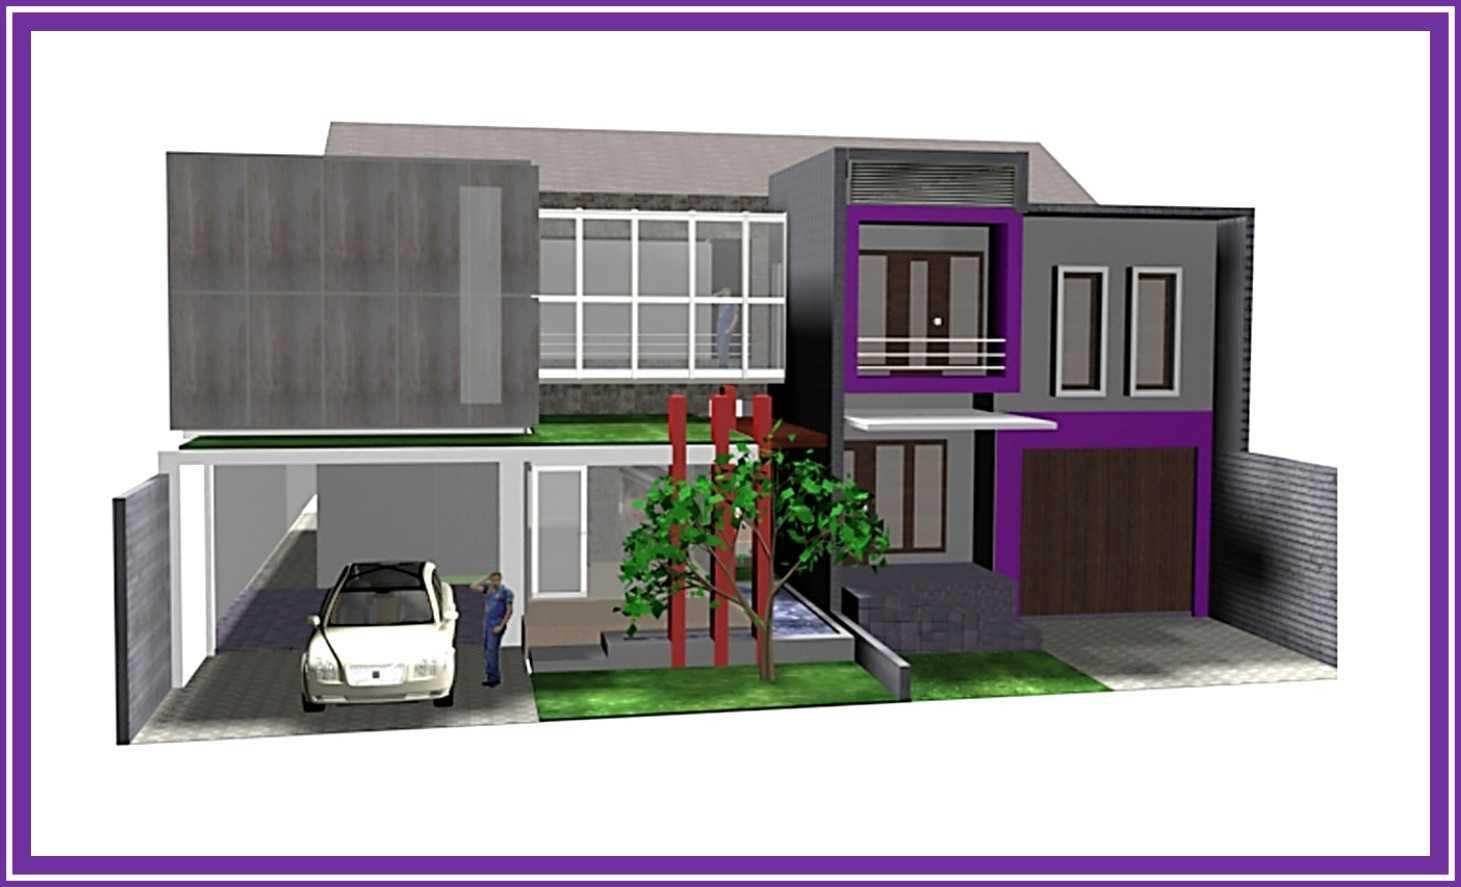 Ideall Design Rumah Junction Box Kec. Jagakarsa, Kota Jakarta Selatan, Daerah Khusus Ibukota Jakarta, Indonesia Kec. Jagakarsa, Kota Jakarta Selatan, Daerah Khusus Ibukota Jakarta, Indonesia Ideall-Design-When-A-Design-Idea-Becomes-Ideal-Design-For-All-Rumah-Junction-Box  114218